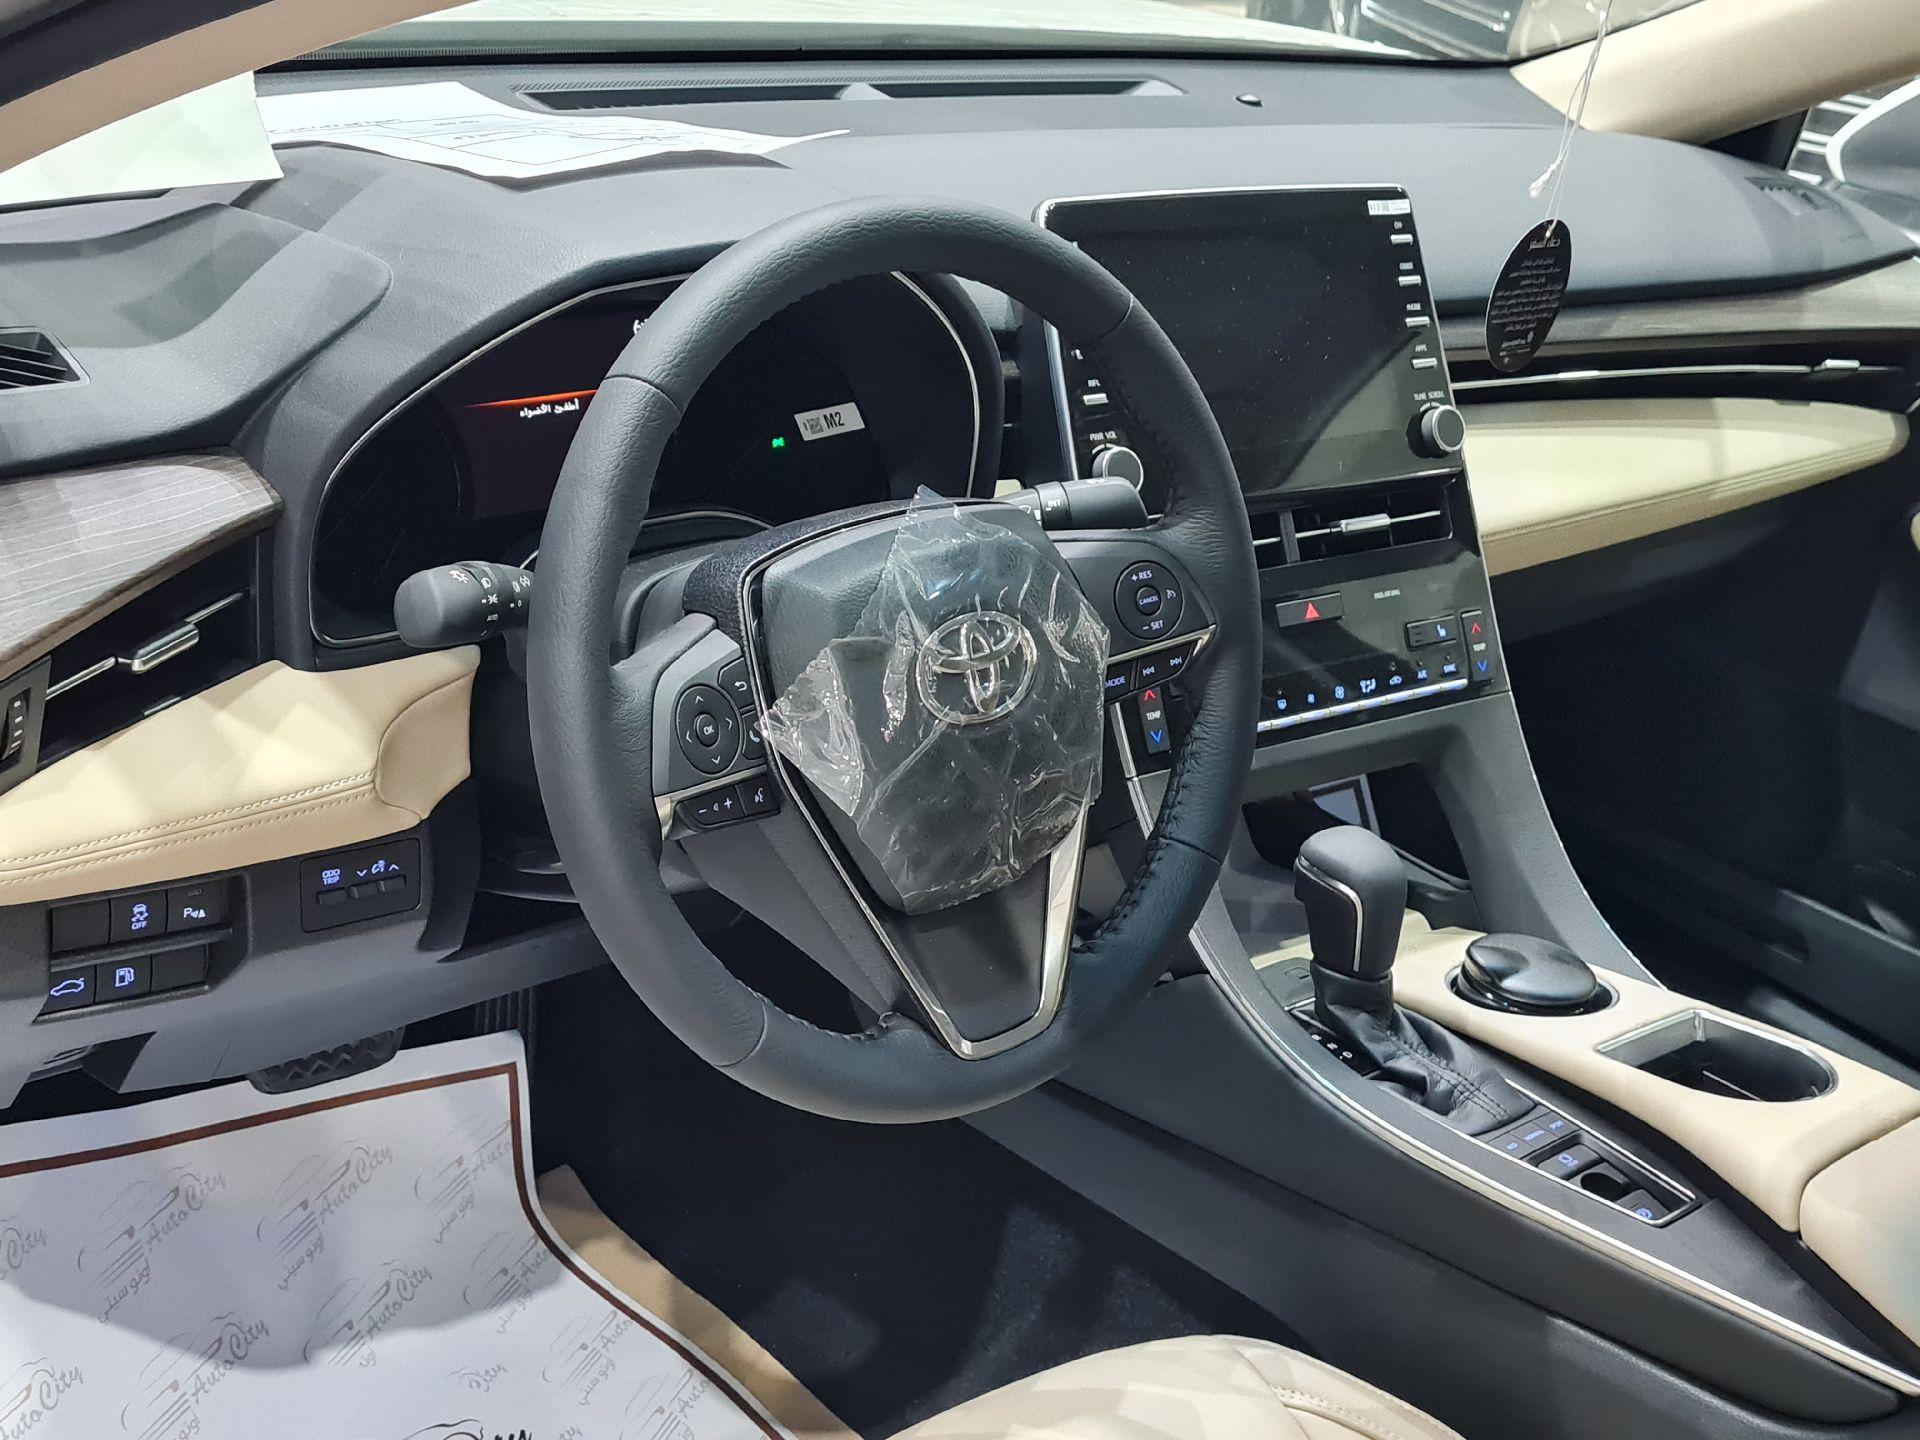 تويوتا افالون Touring نص فل 2021  سعودي جديد للبيع في الرياض - السعودية - صورة كبيرة - 11